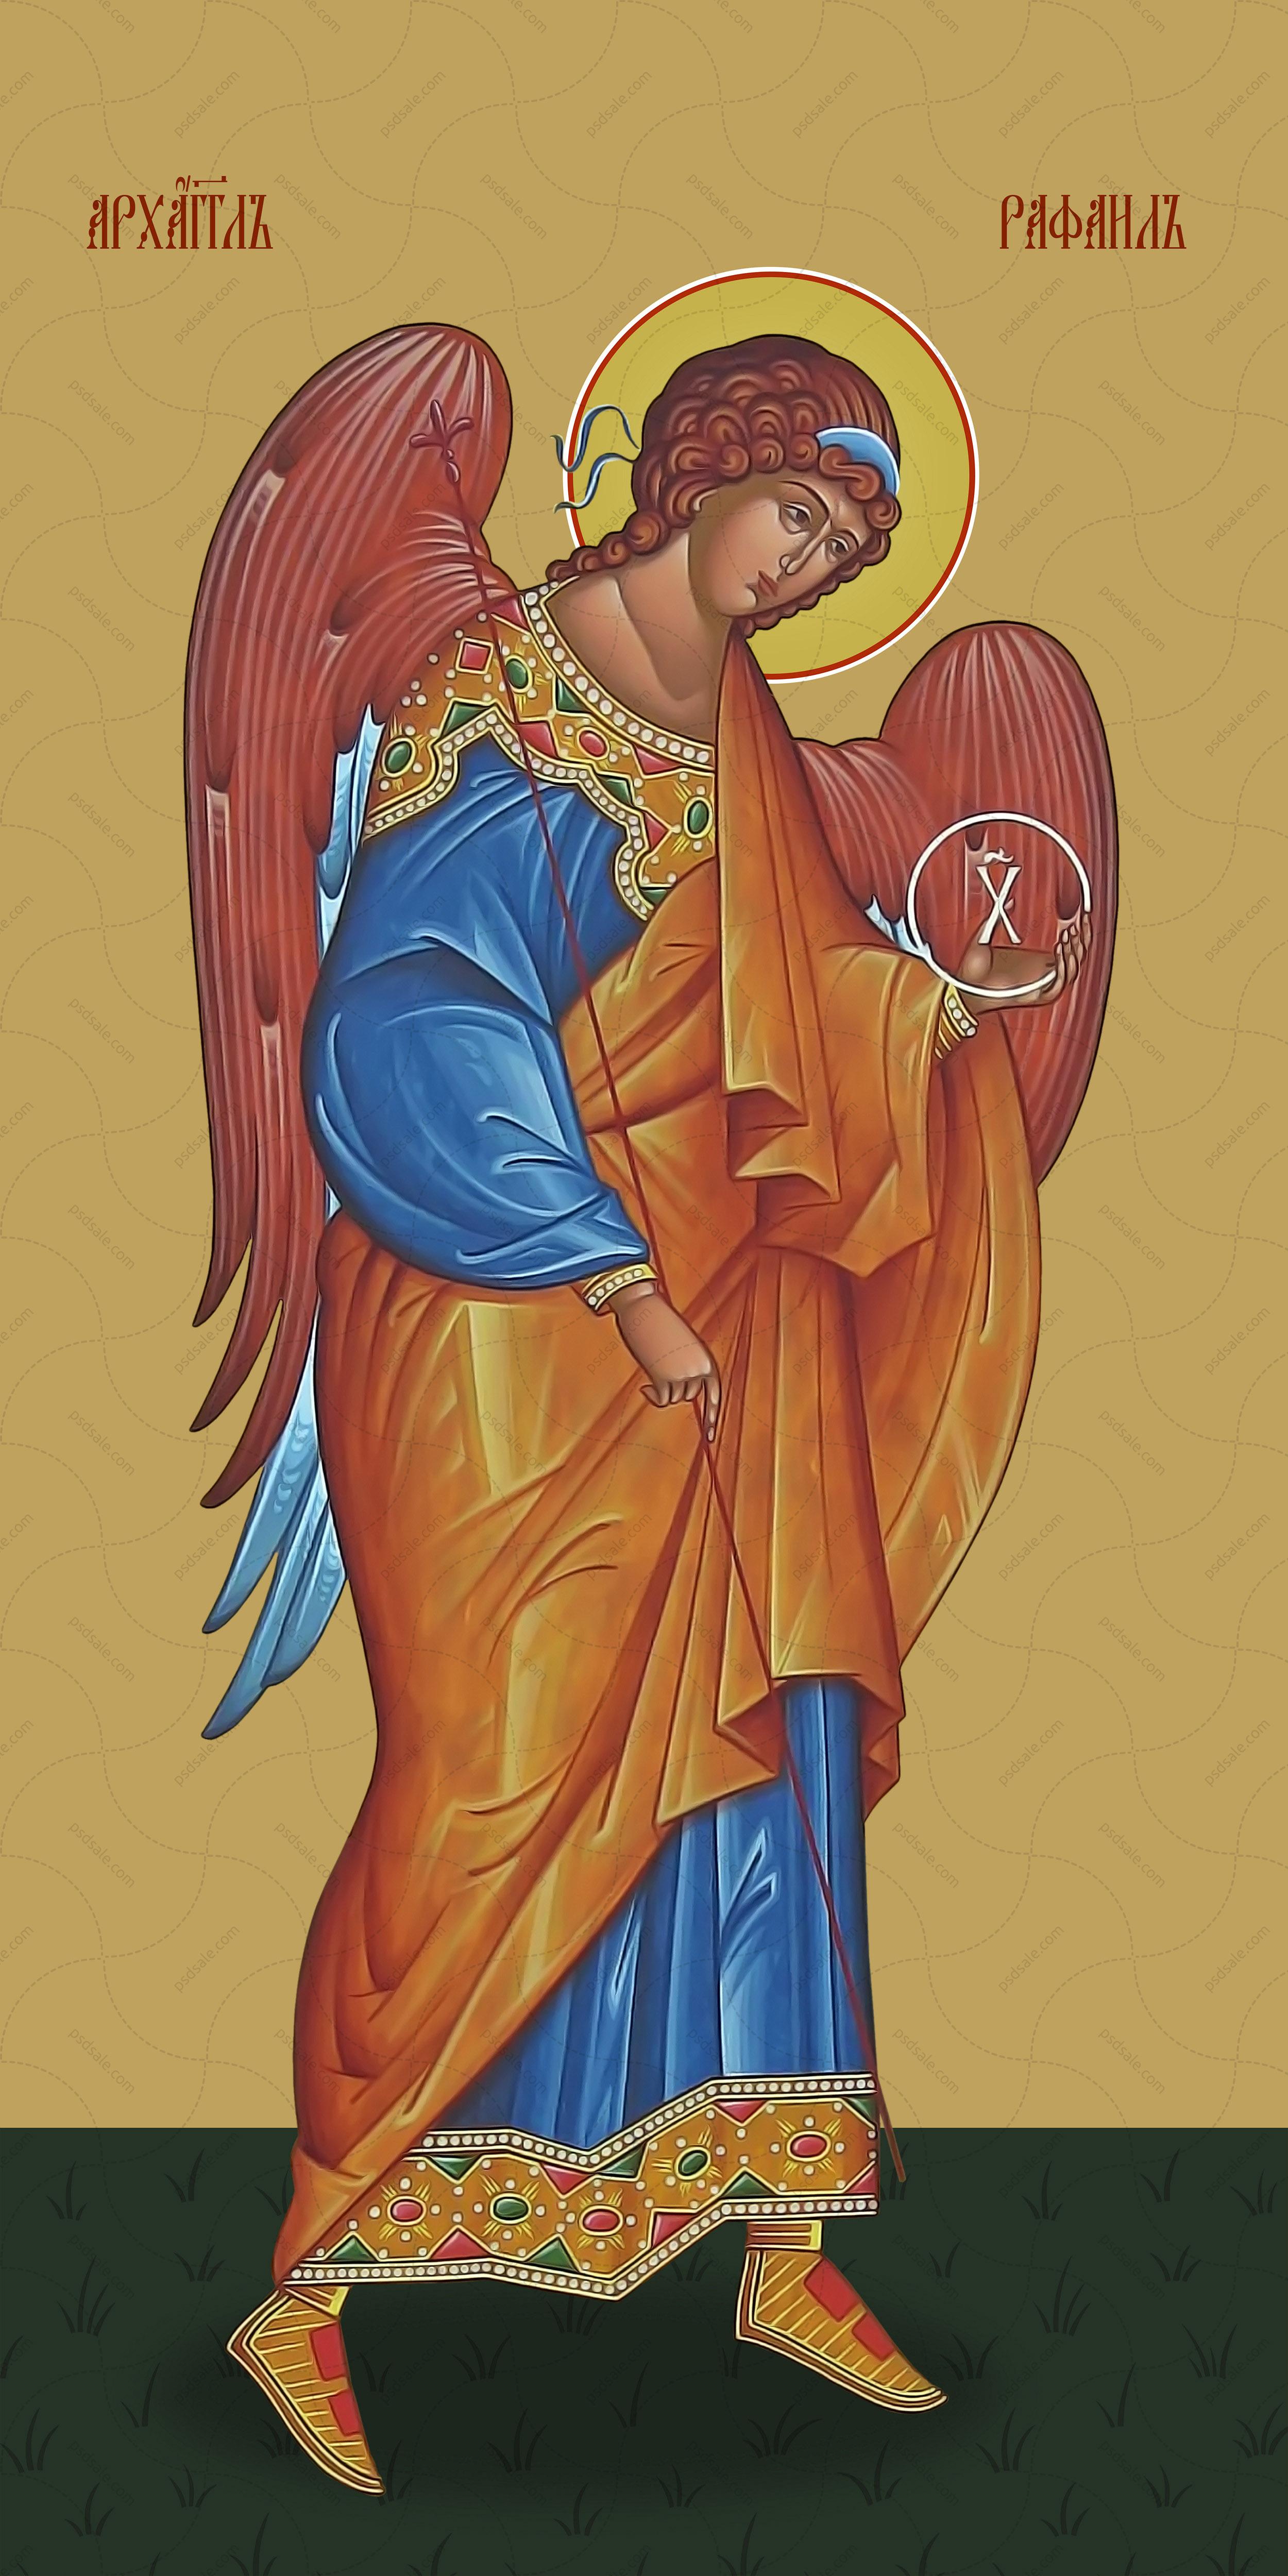 Мерная икона, Рафаил, архангел